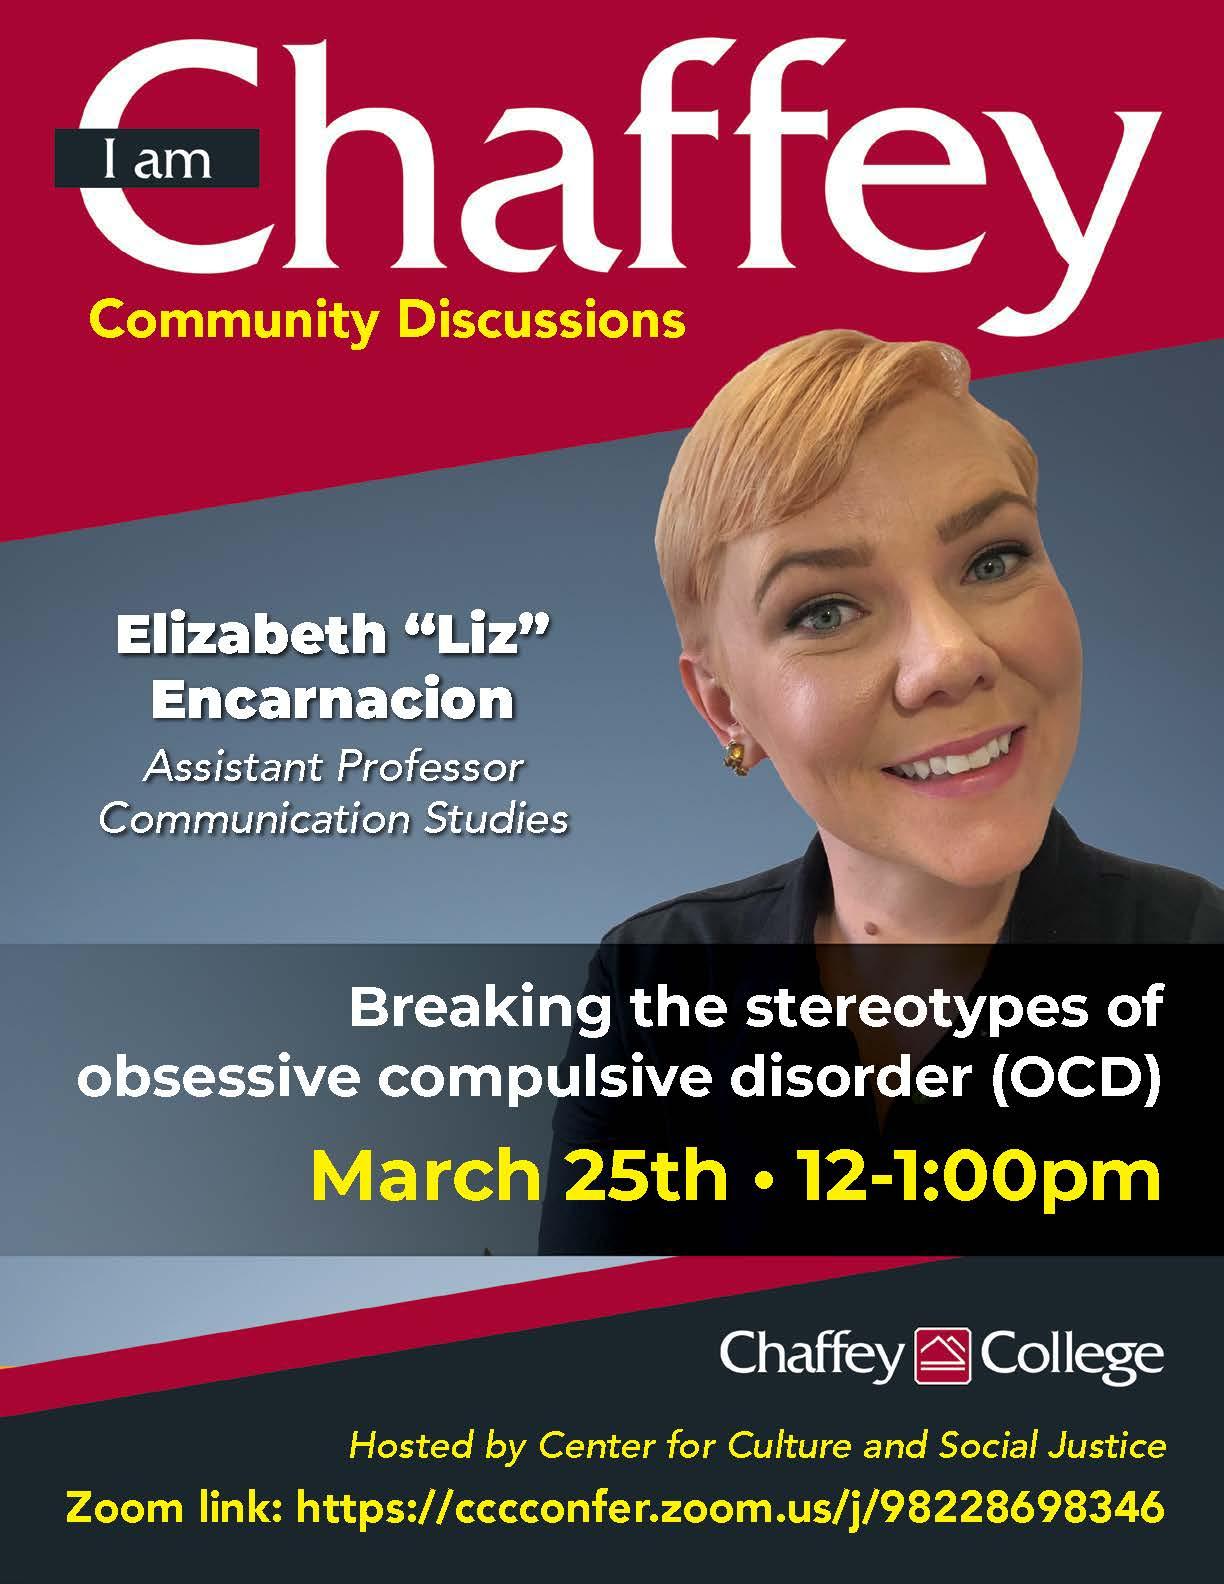 I am Chaffey